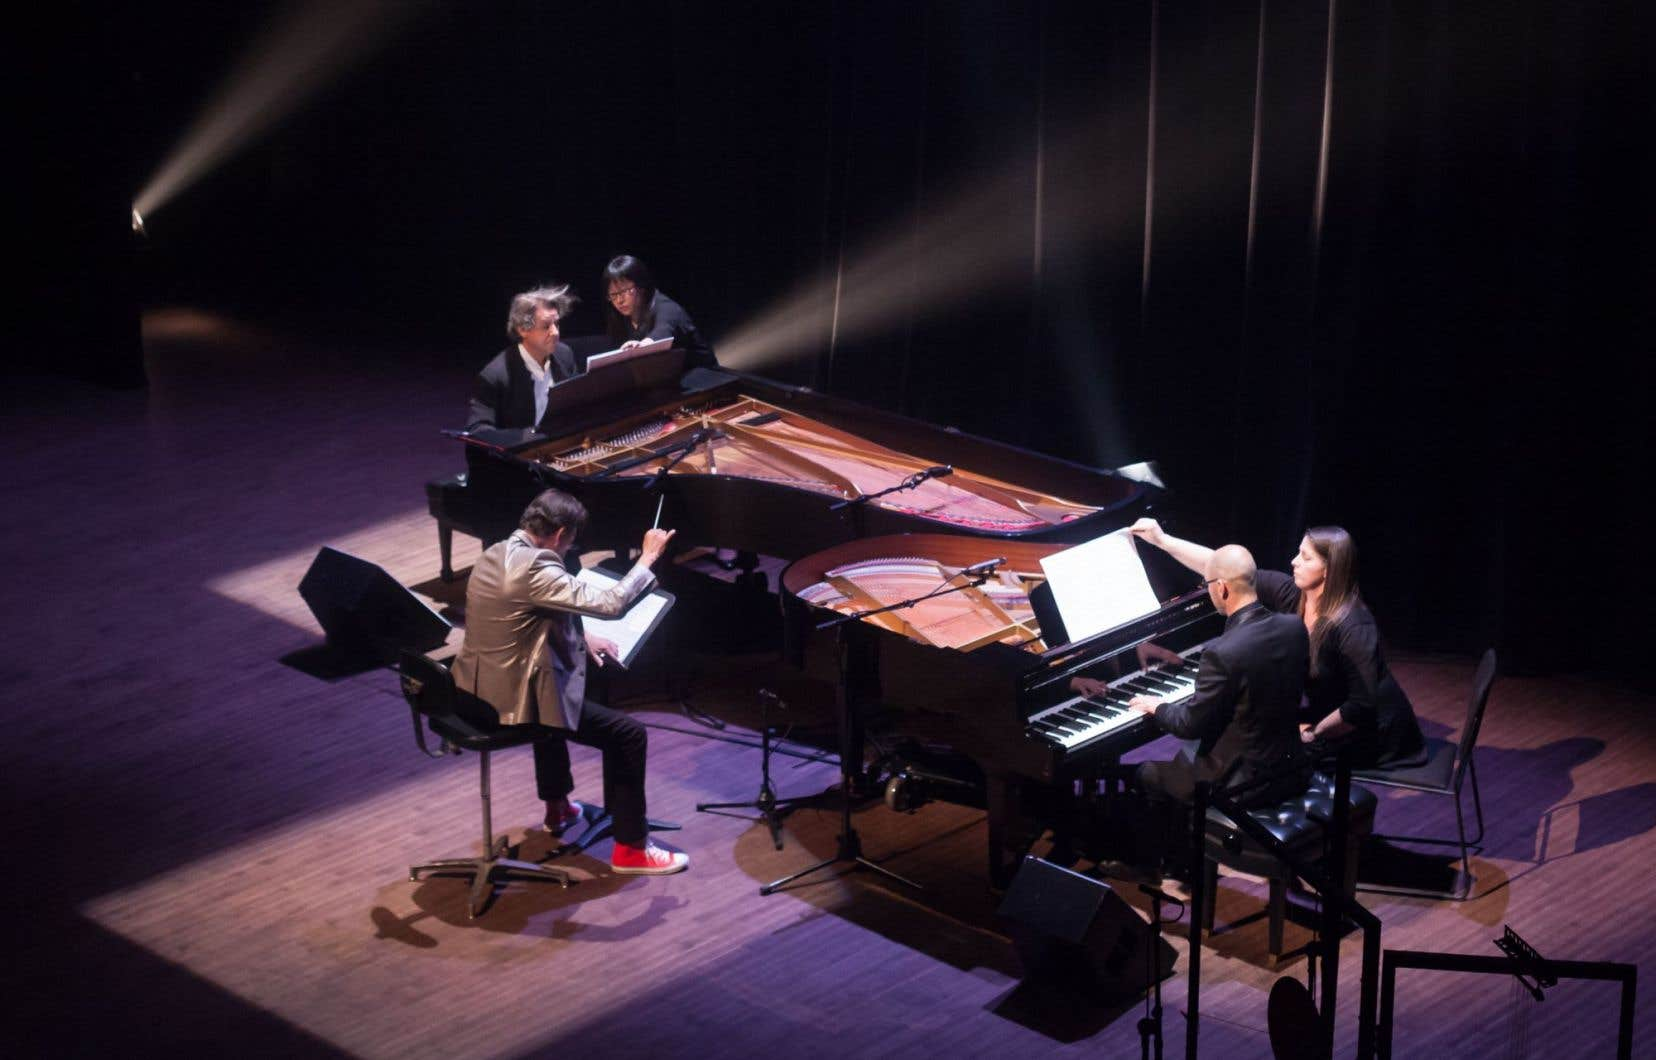 Voir Walter Boudreau s'agiter au milieu pour diriger deux pianistes avait sa part de surréalisme.